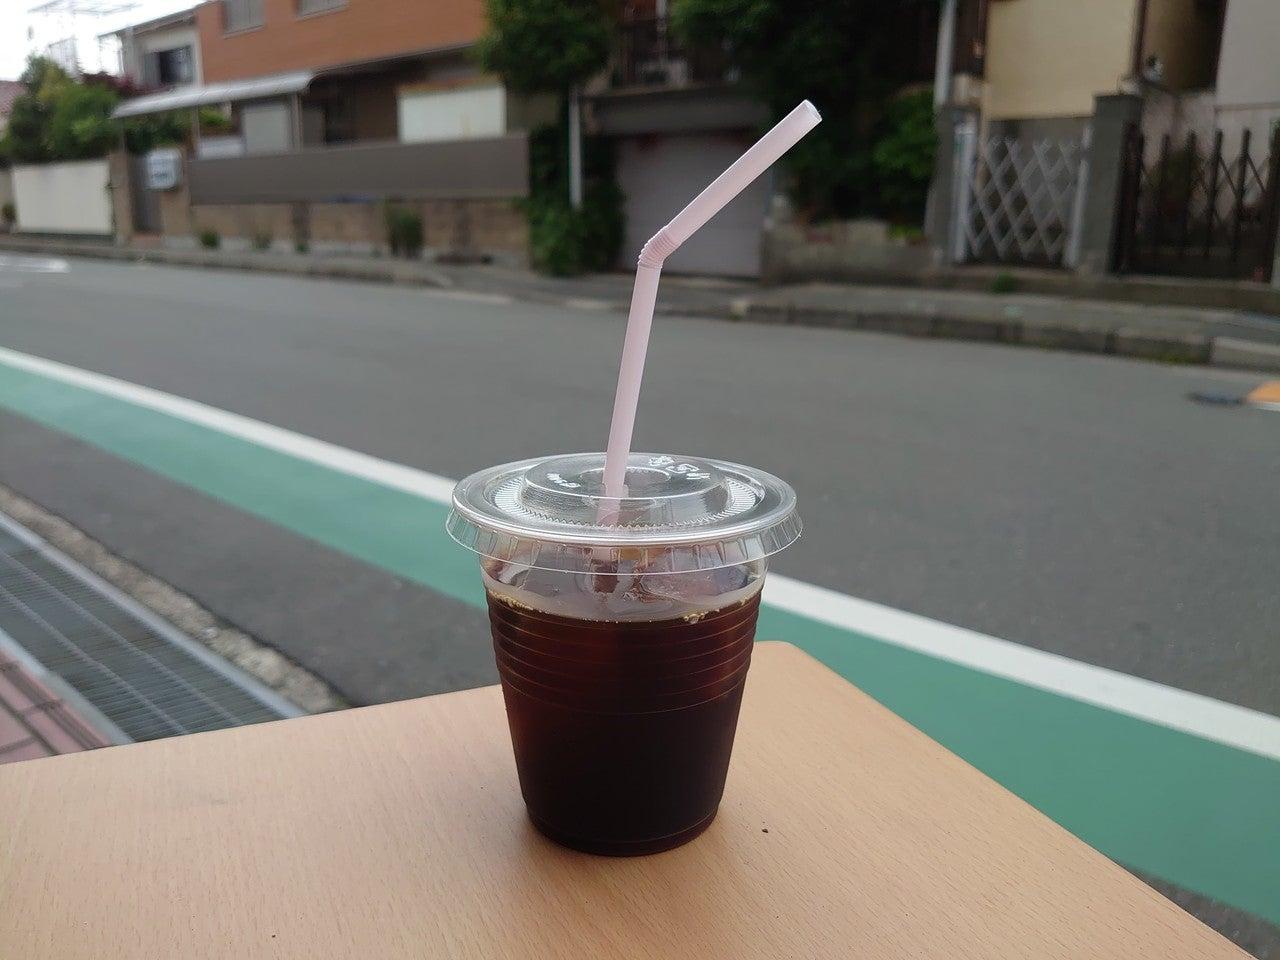 アイスコーヒーっていうのはキラキラに明るいときに撮っても映えないんやで